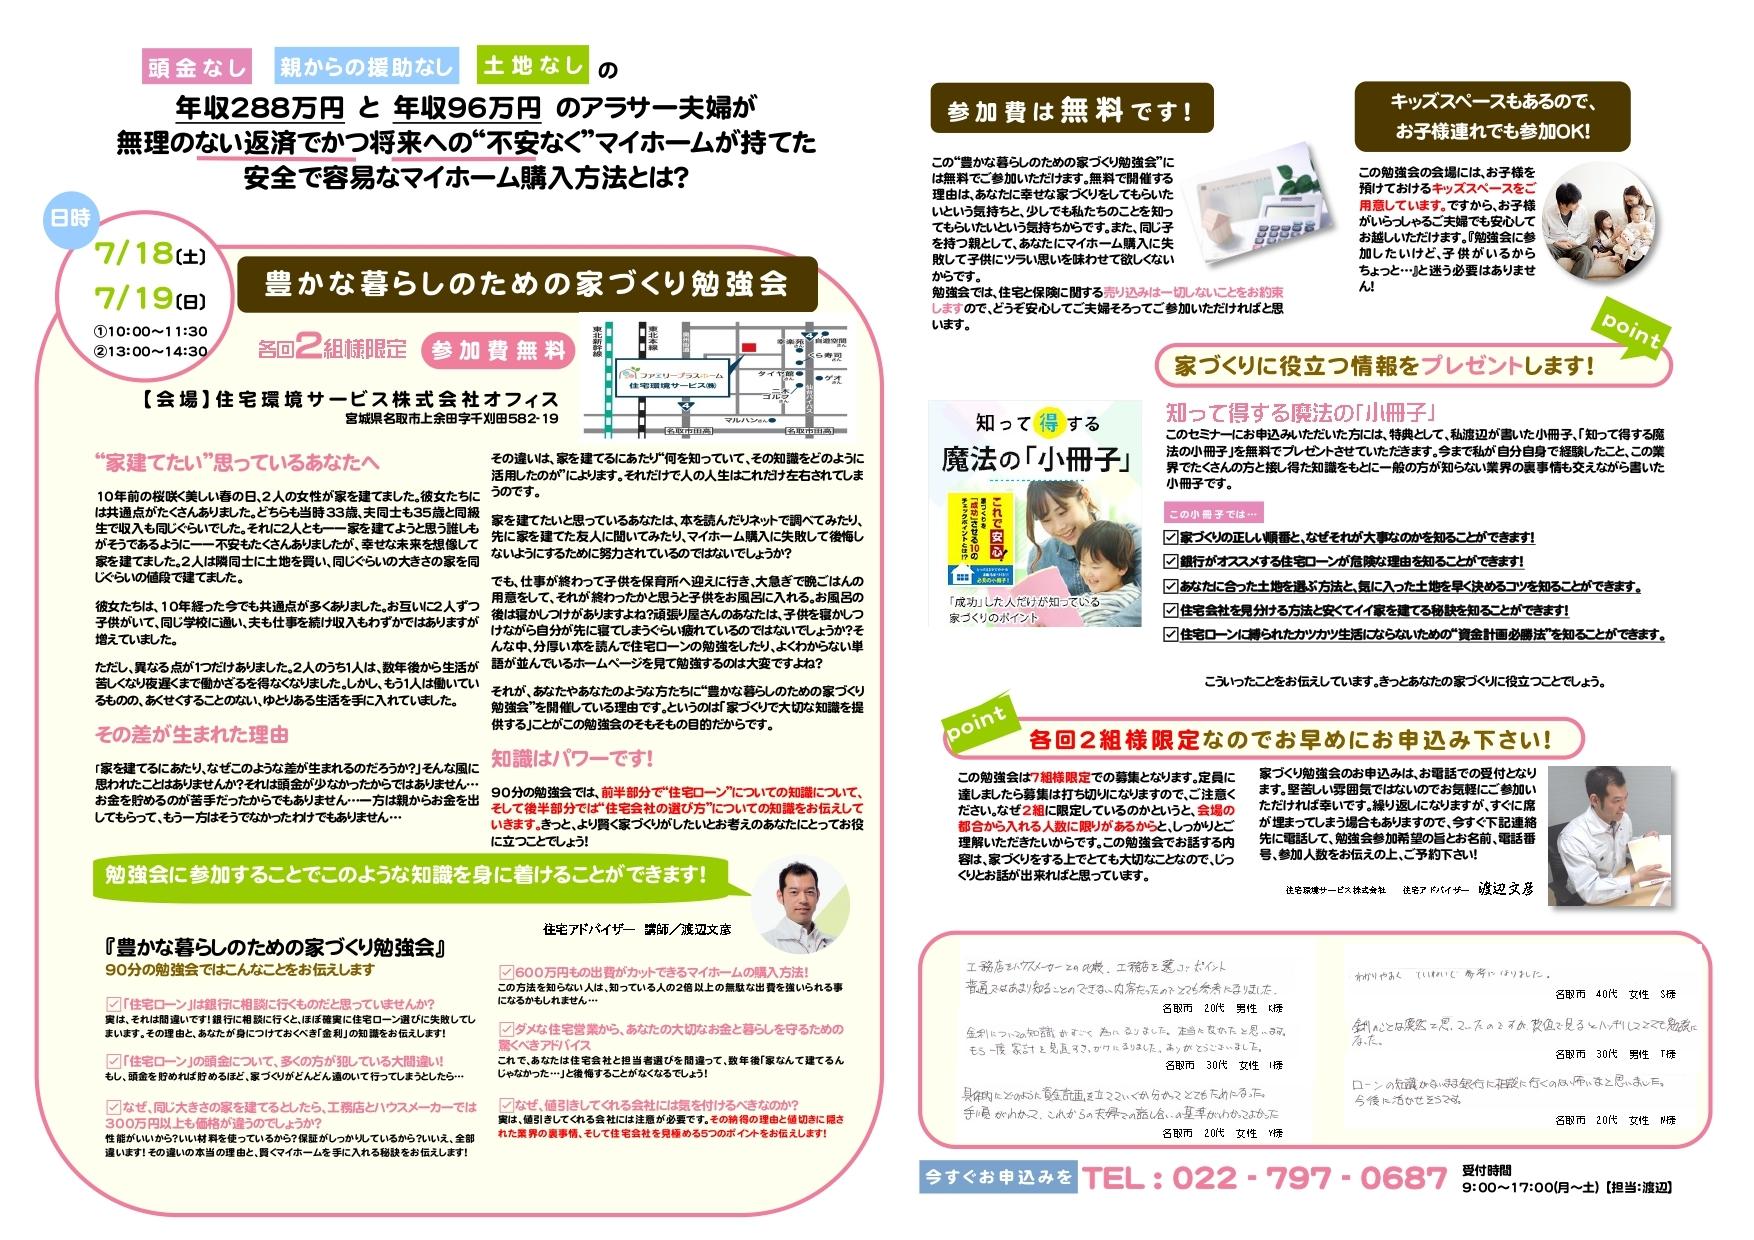 2020.7.18【裏面】家づくり勉強会チラシ0620更新_page-0001.jpg